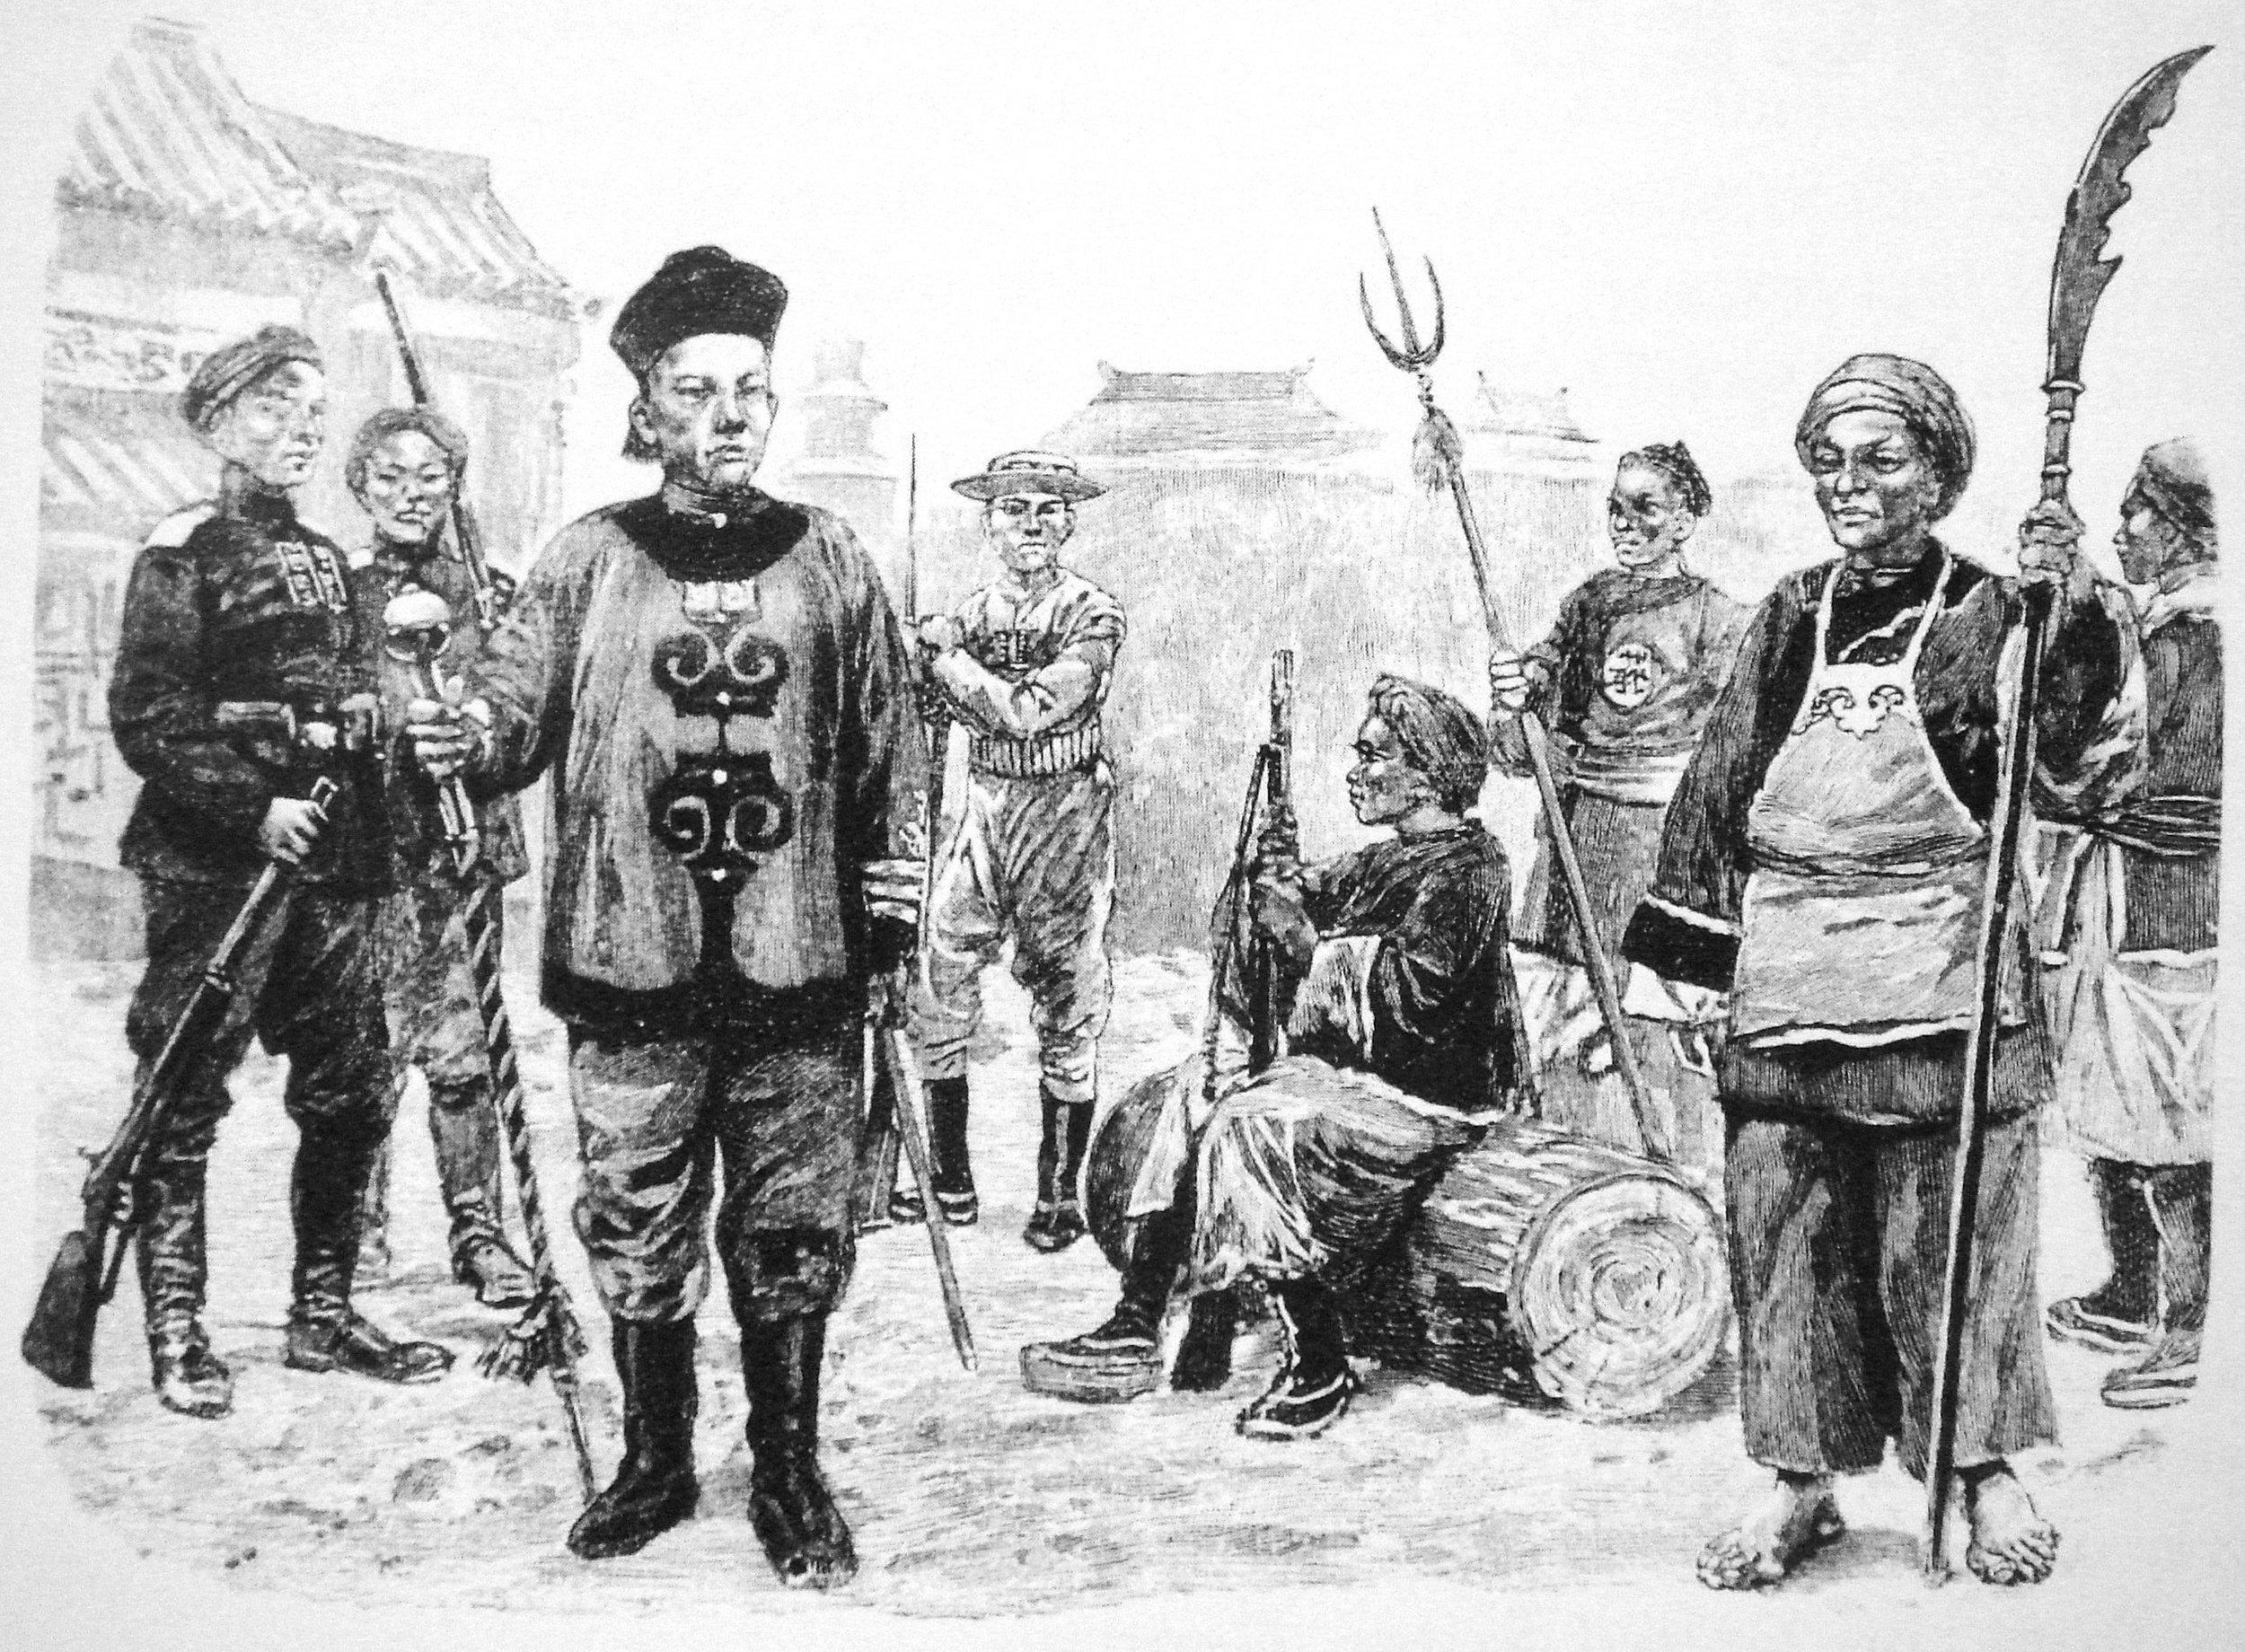 Chinese soldiers 1899 1901 -  Leipzig Illustrierte Zeitung 1900 [Public domain]